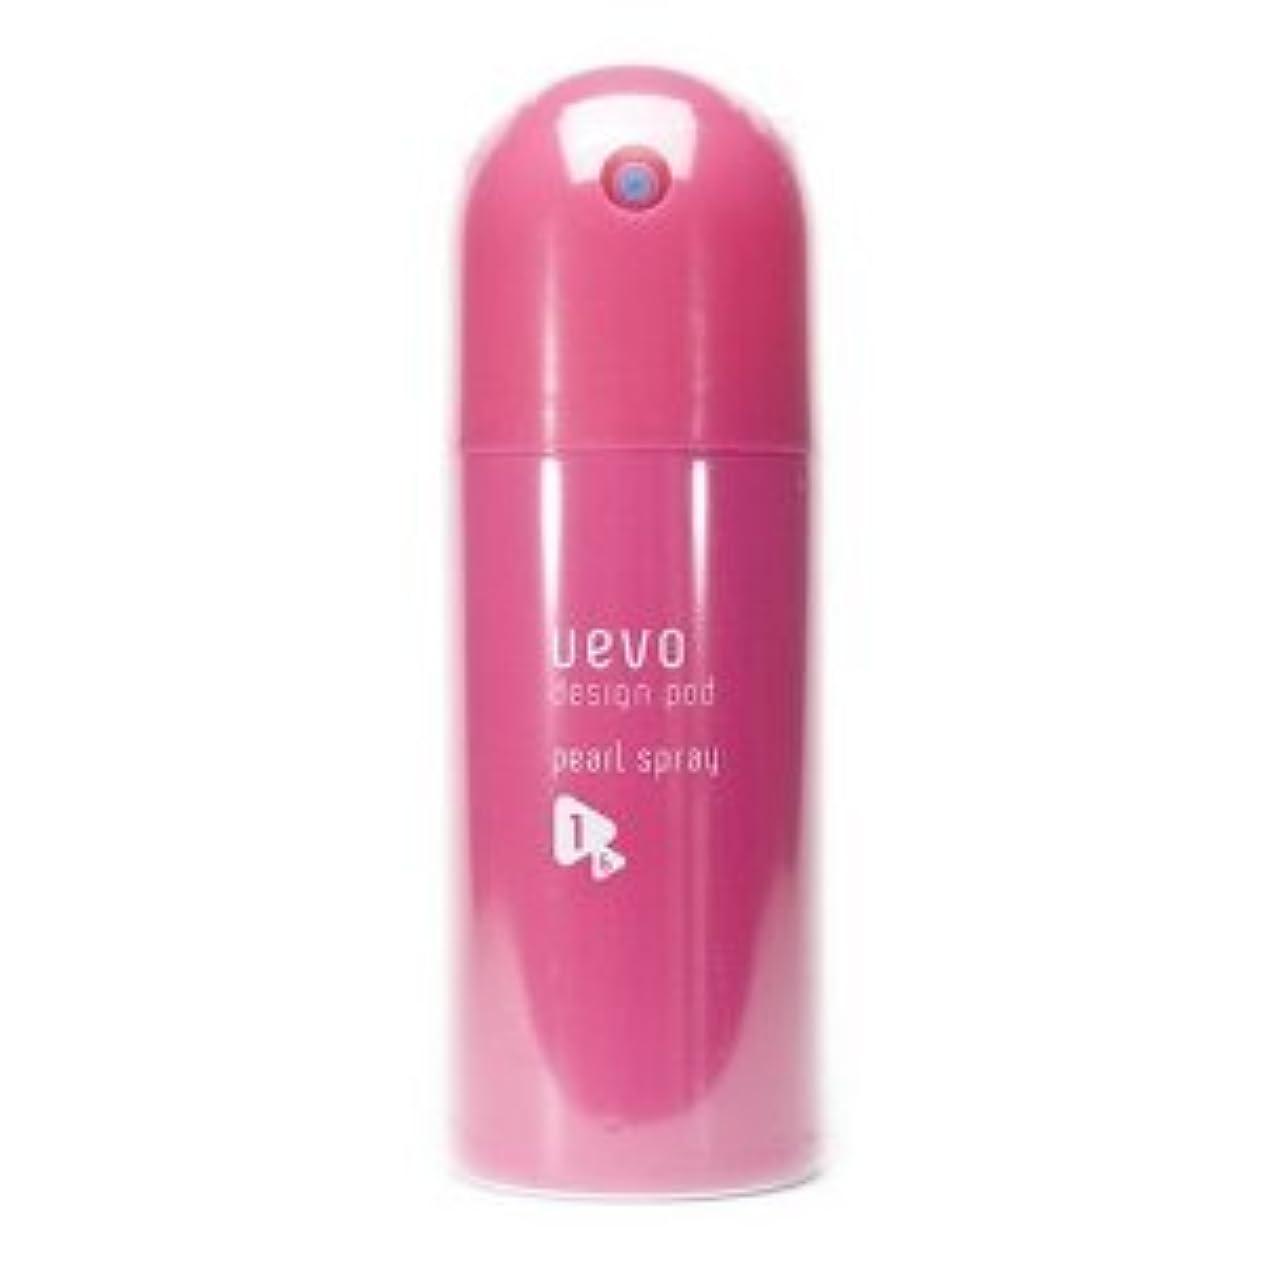 最近混雑マージン【X2個セット】 デミ ウェーボ デザインポッド パールスプレー 220ml pearl spray